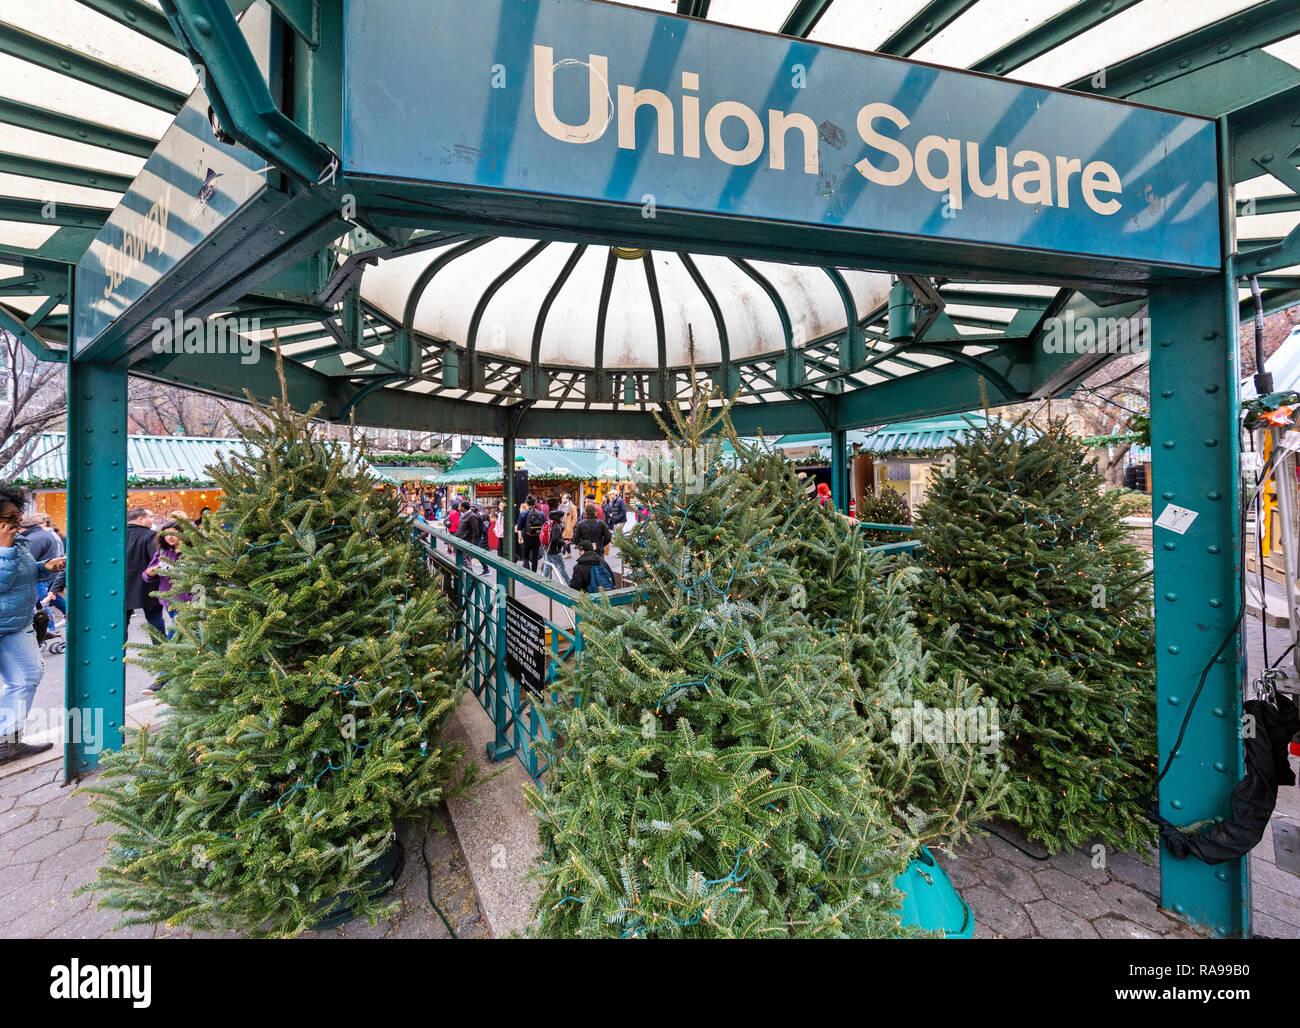 Los compradores y los turistas a explorar el mercado vacacional de Union Square en Union Square, Nueva York. Imagen De Stock